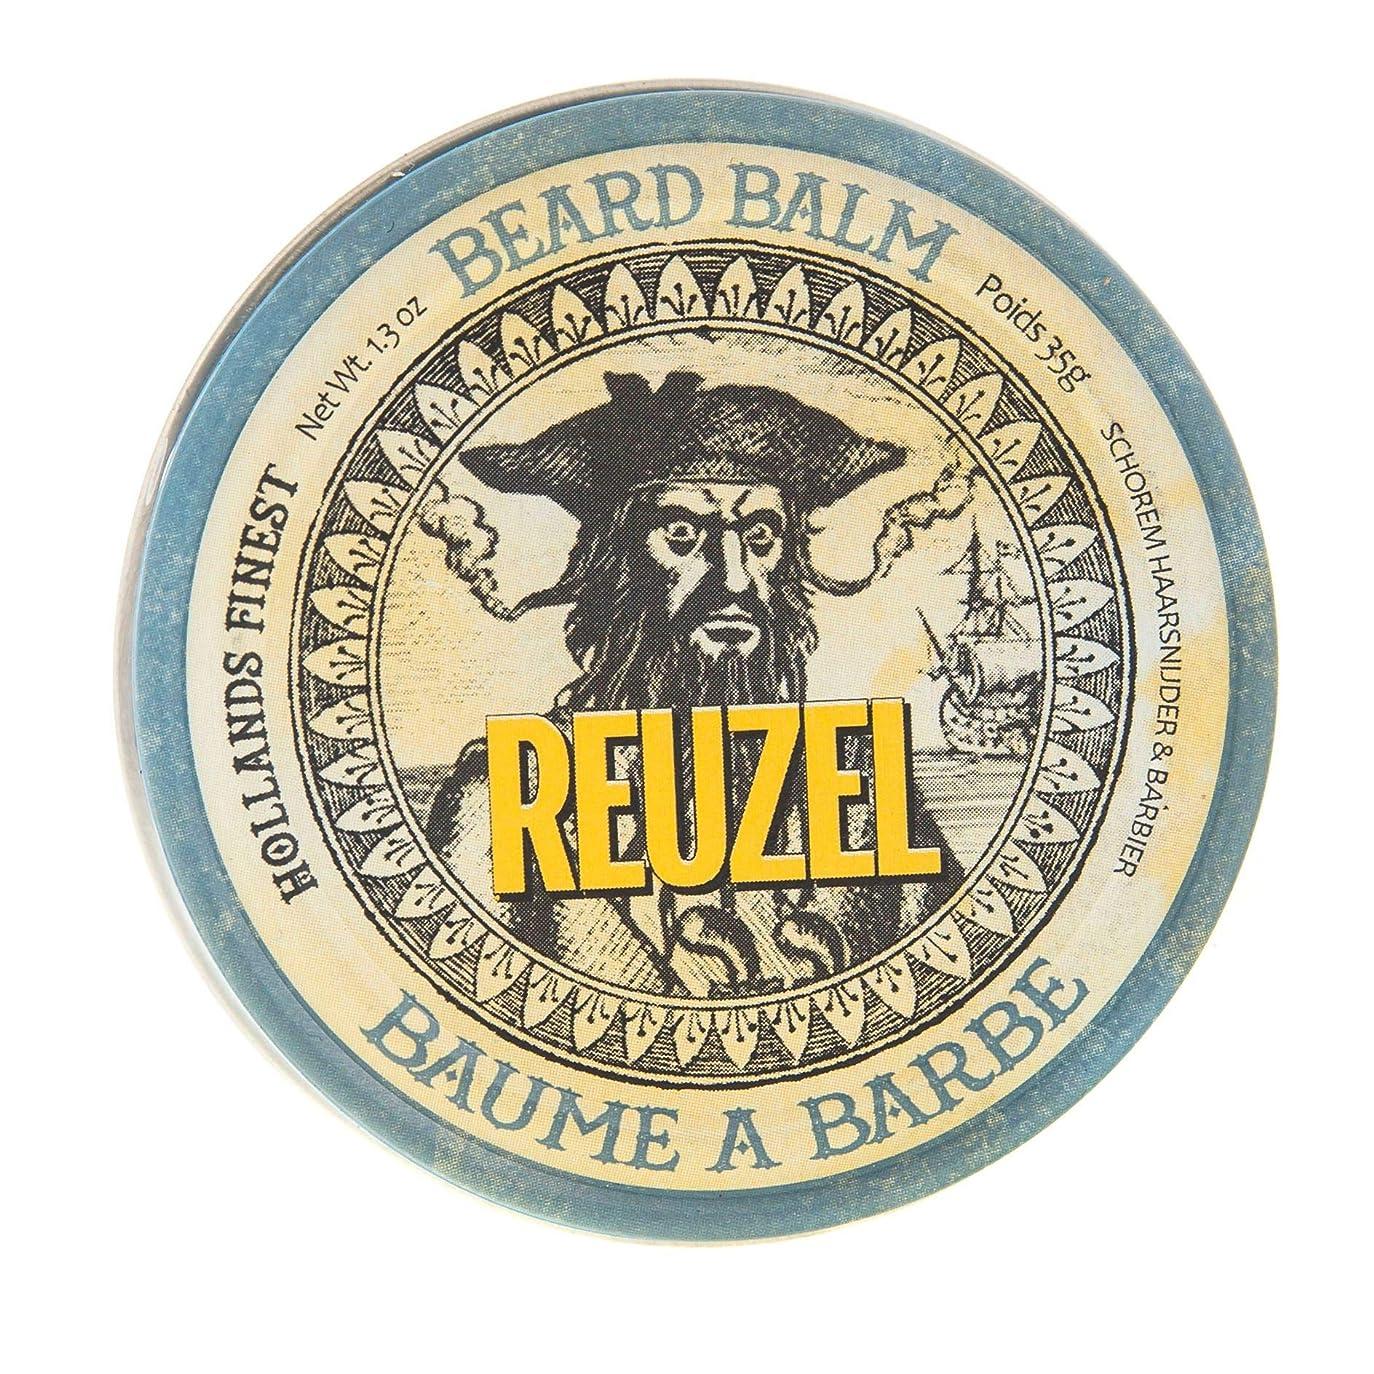 分割スペル印象的なルーゾー ビアード バーム Reuzel Beard Balm 35 g [並行輸入品]